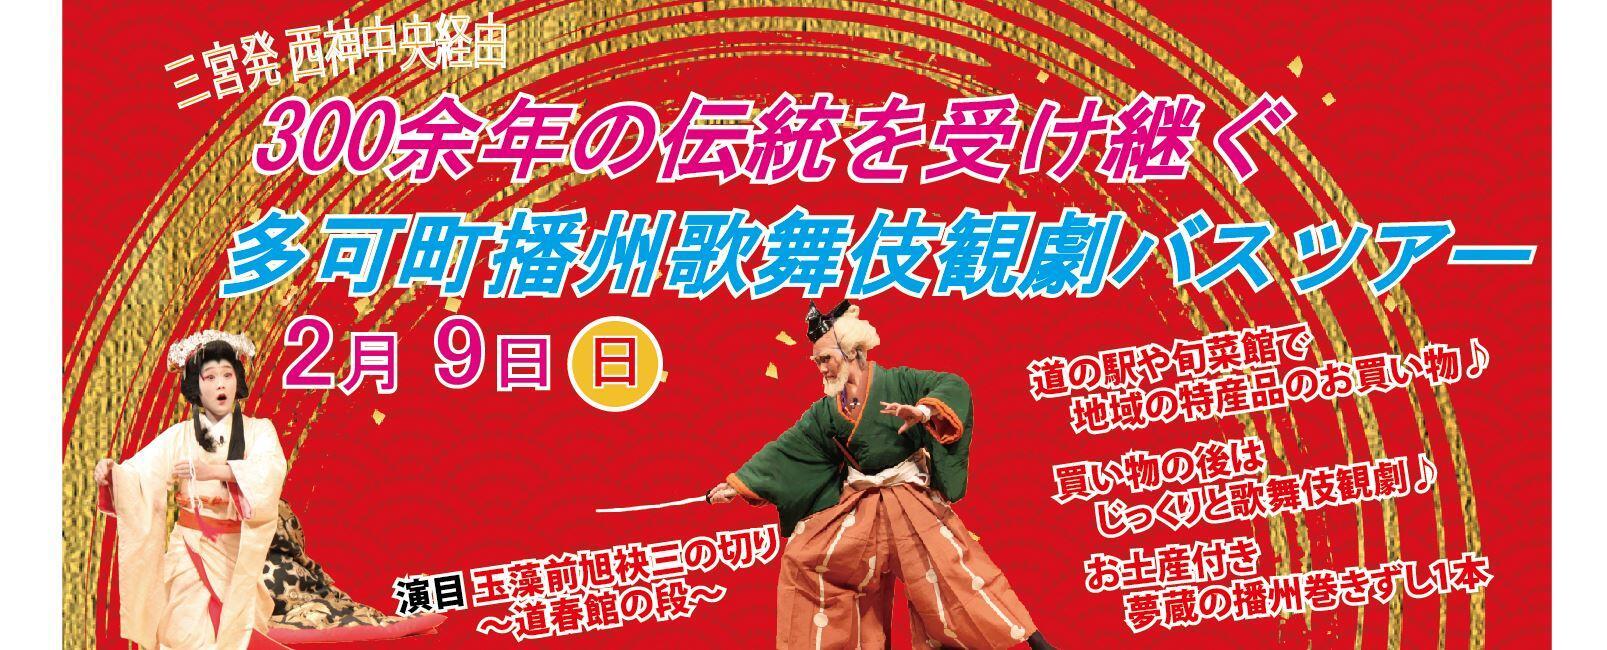 2/9バスツアー播州歌舞伎【12/20】